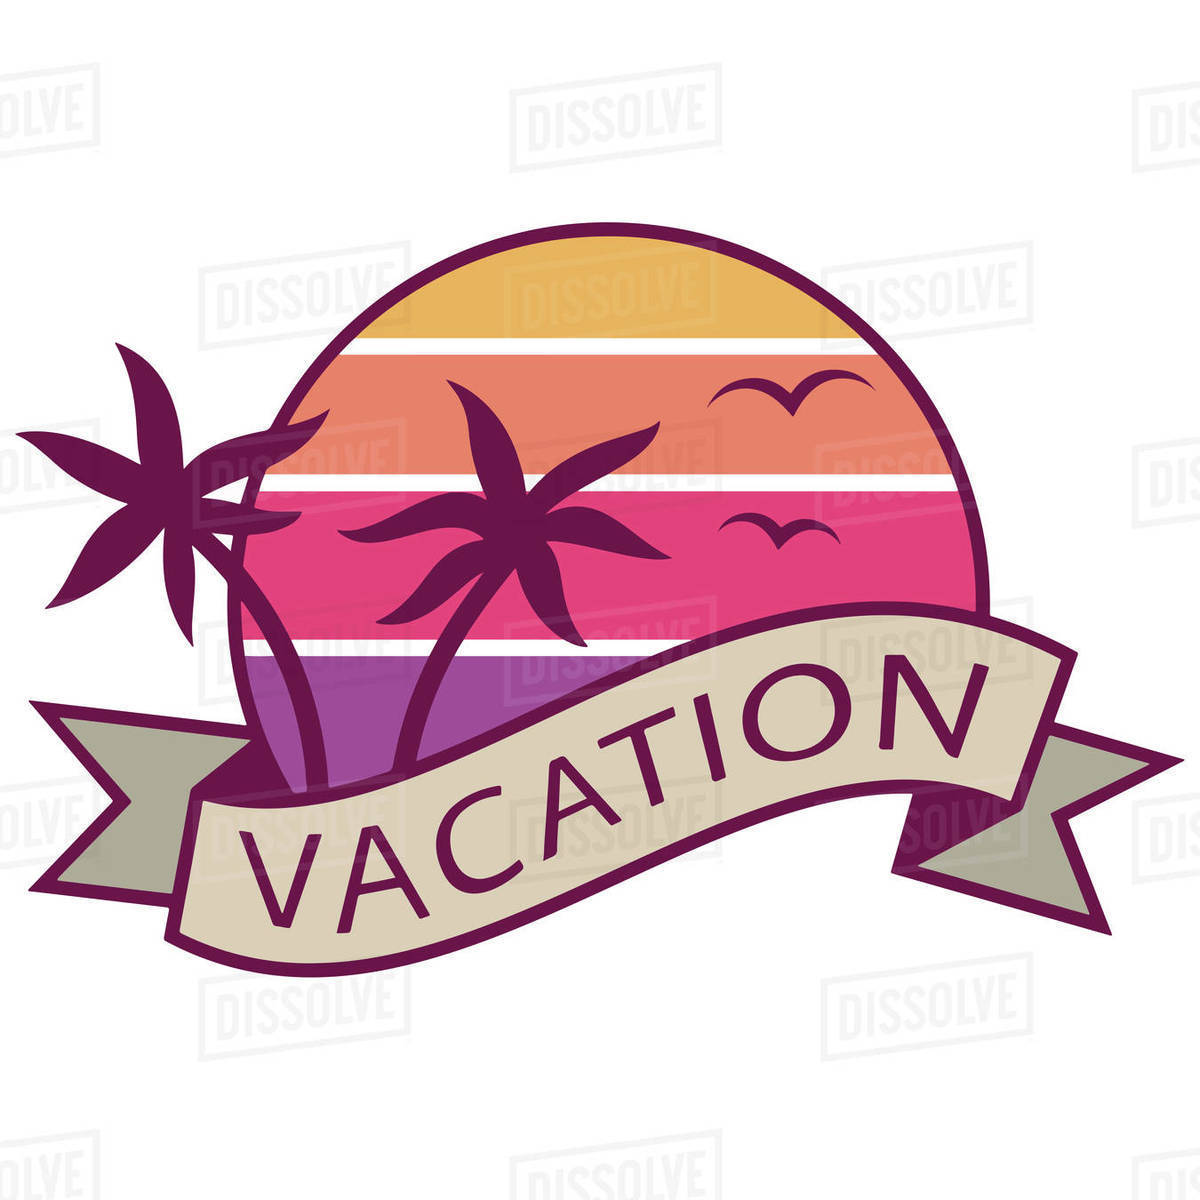 Illustration of vacation logo isolated on white background Royalty-free stock photo